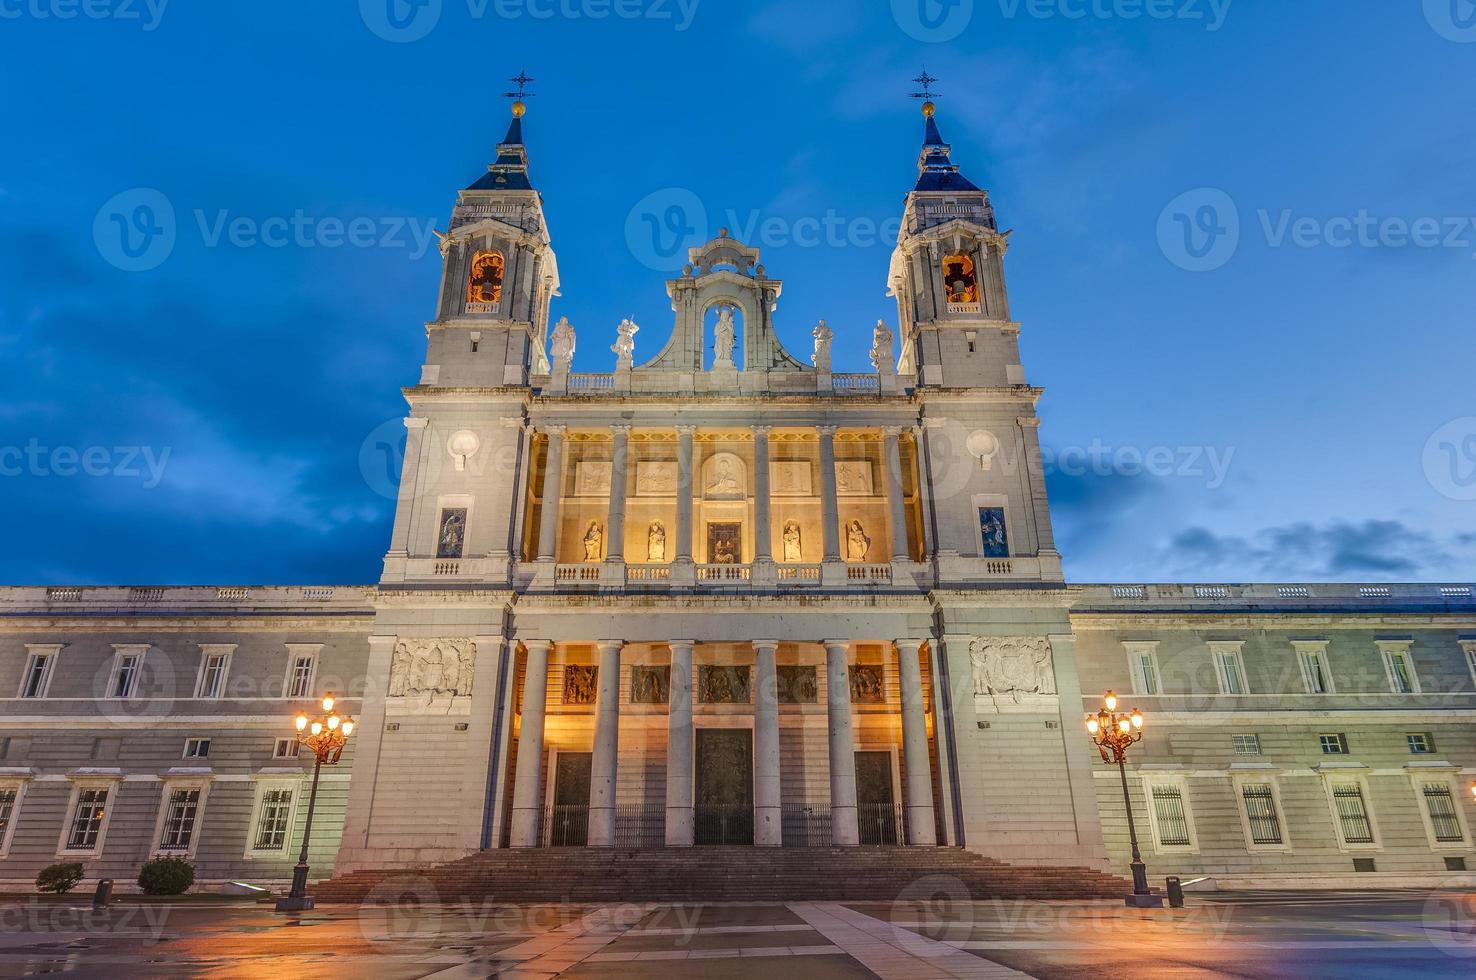 Almudena kathedraal in Madrid, Spanje. foto